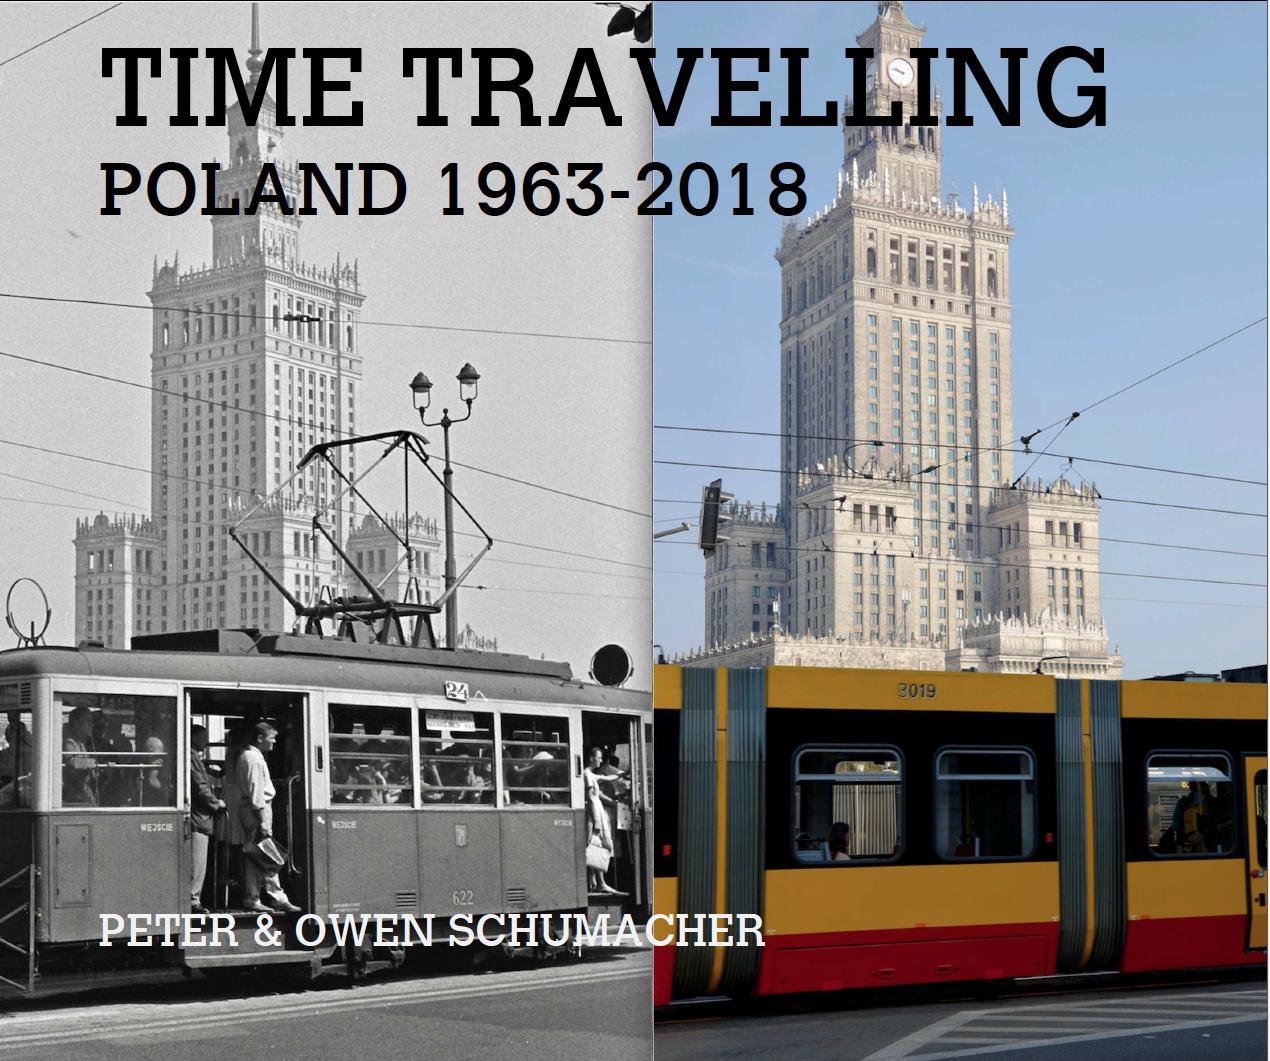 Polen boek gratis beschikbaar